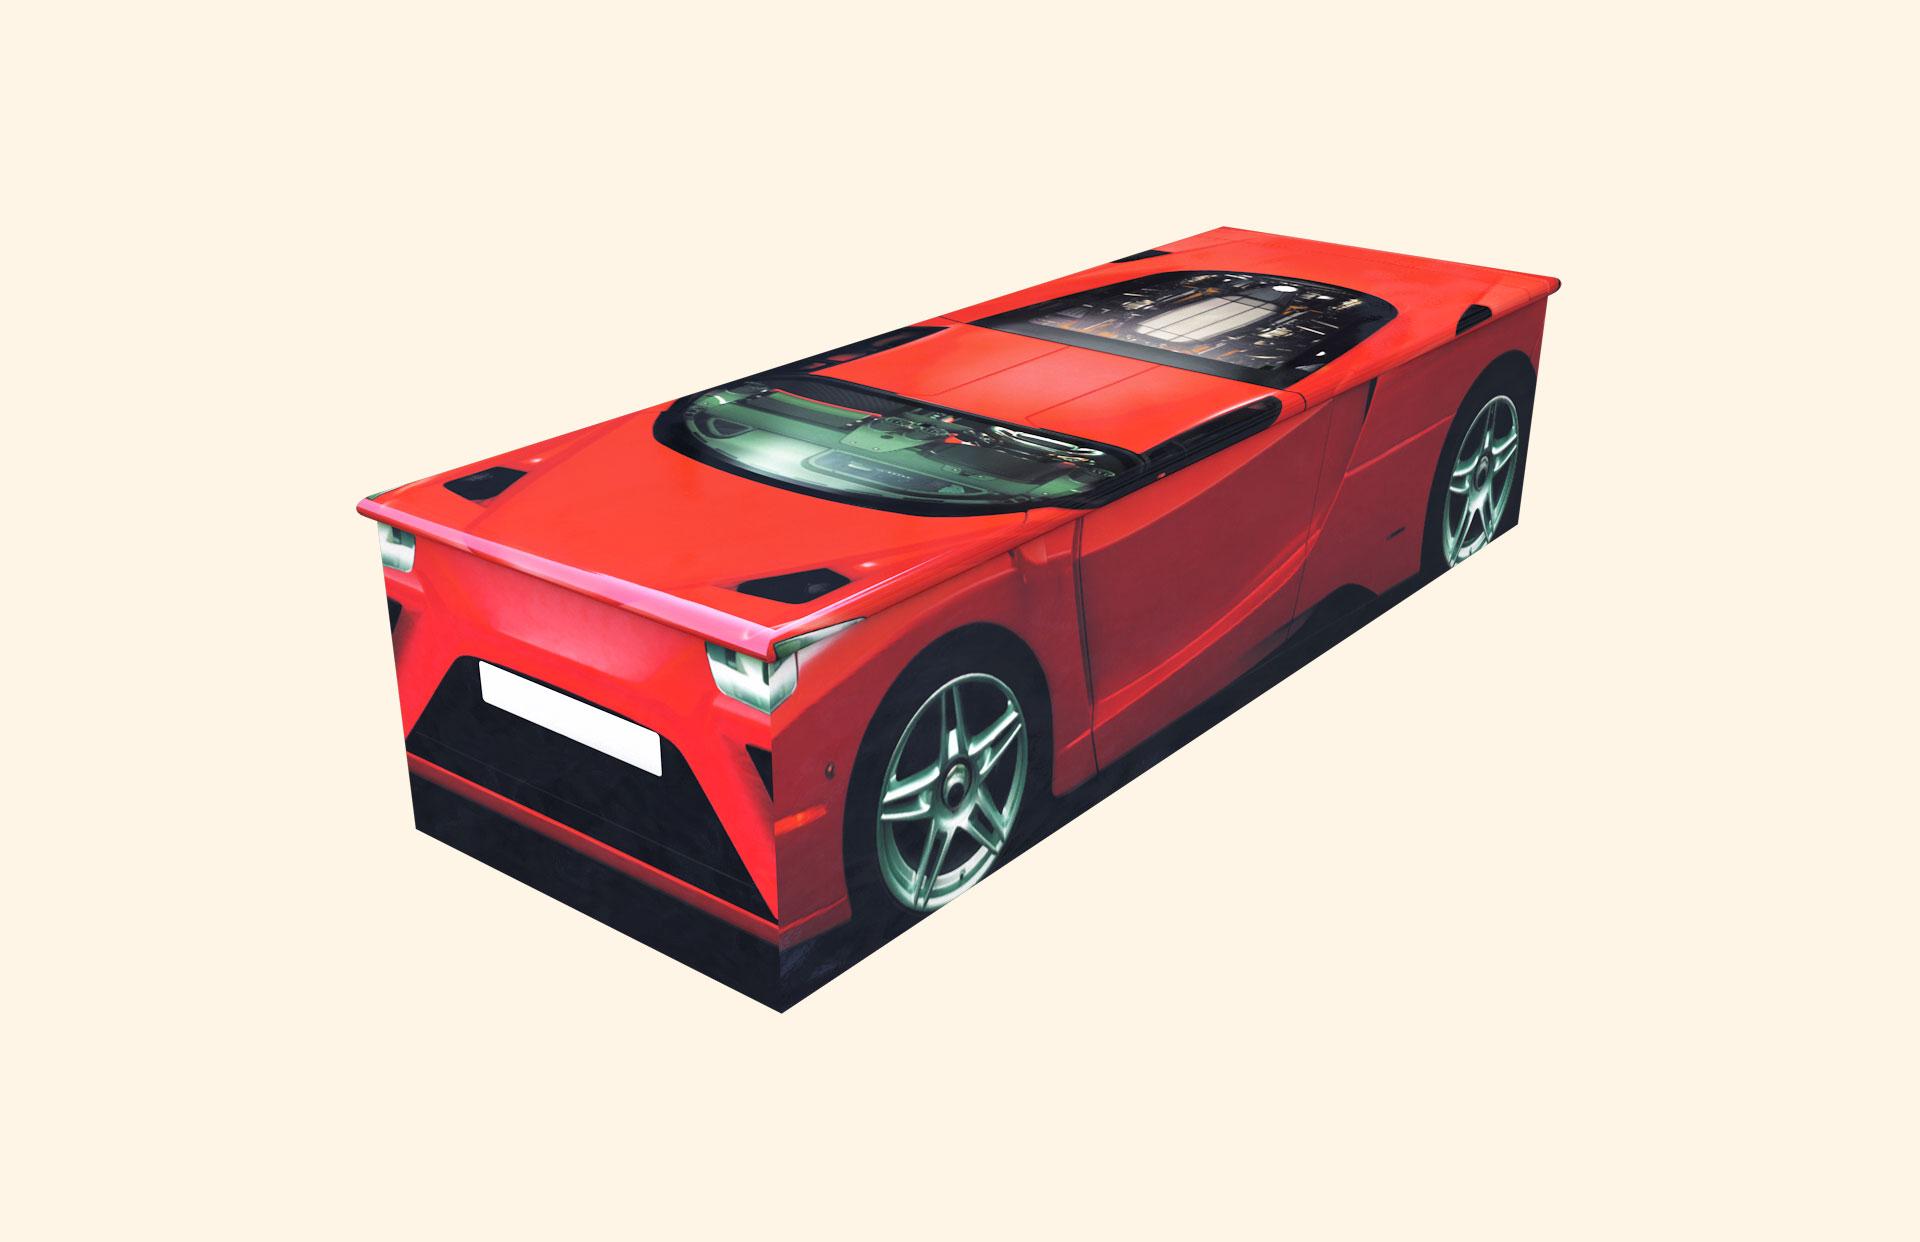 Duncans Car Red Child Casket